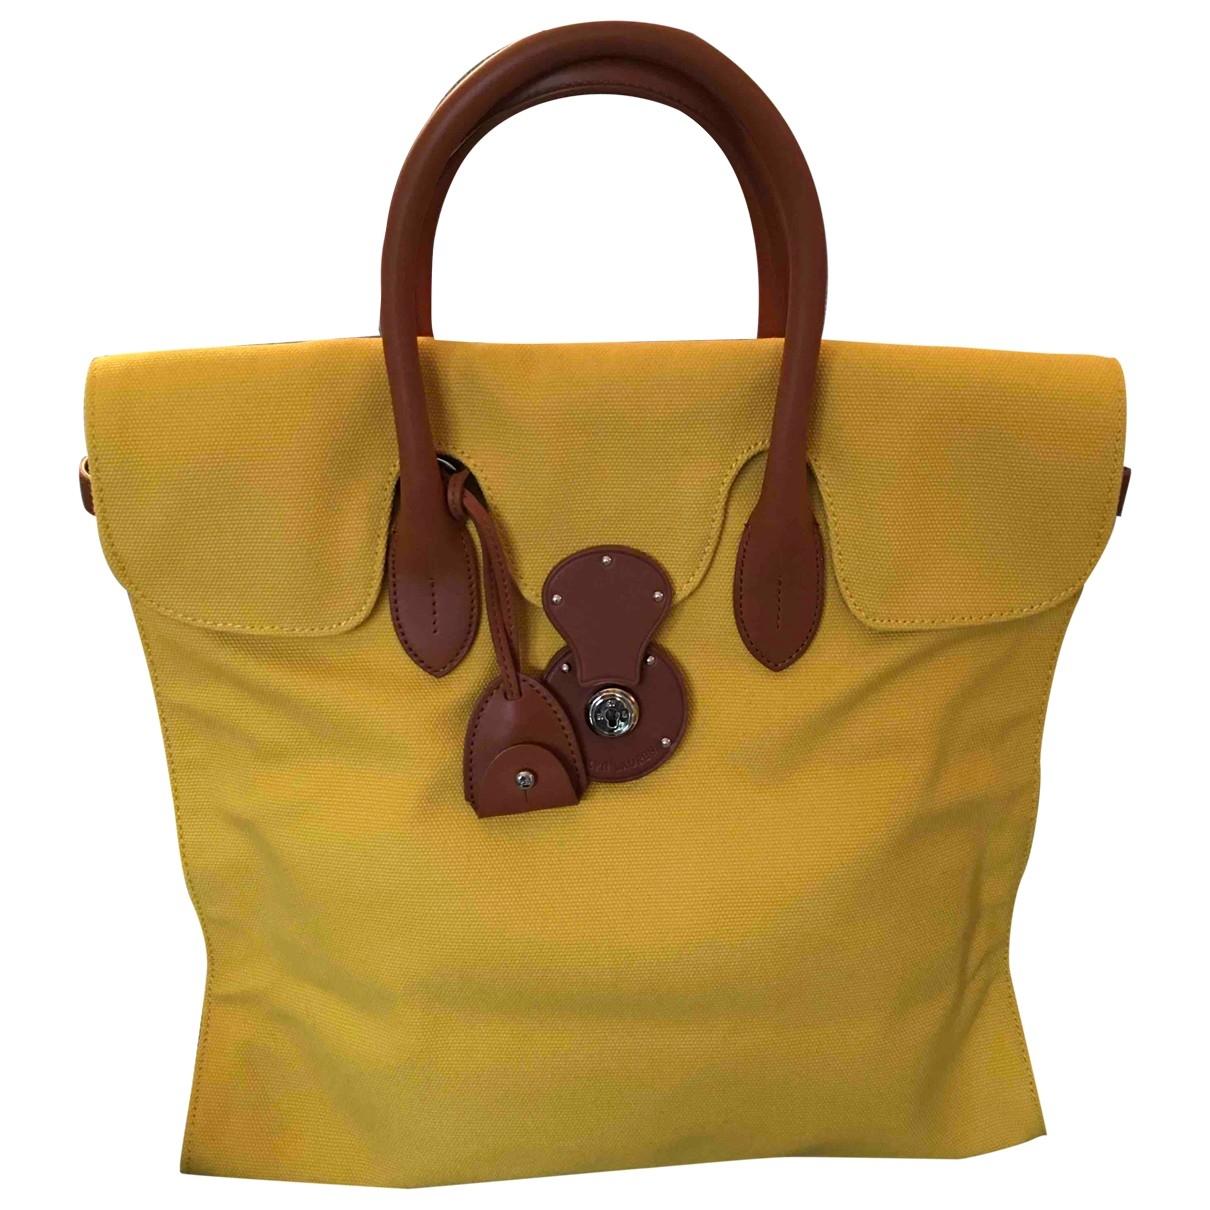 Ralph Lauren \N Yellow Cotton handbag for Women \N